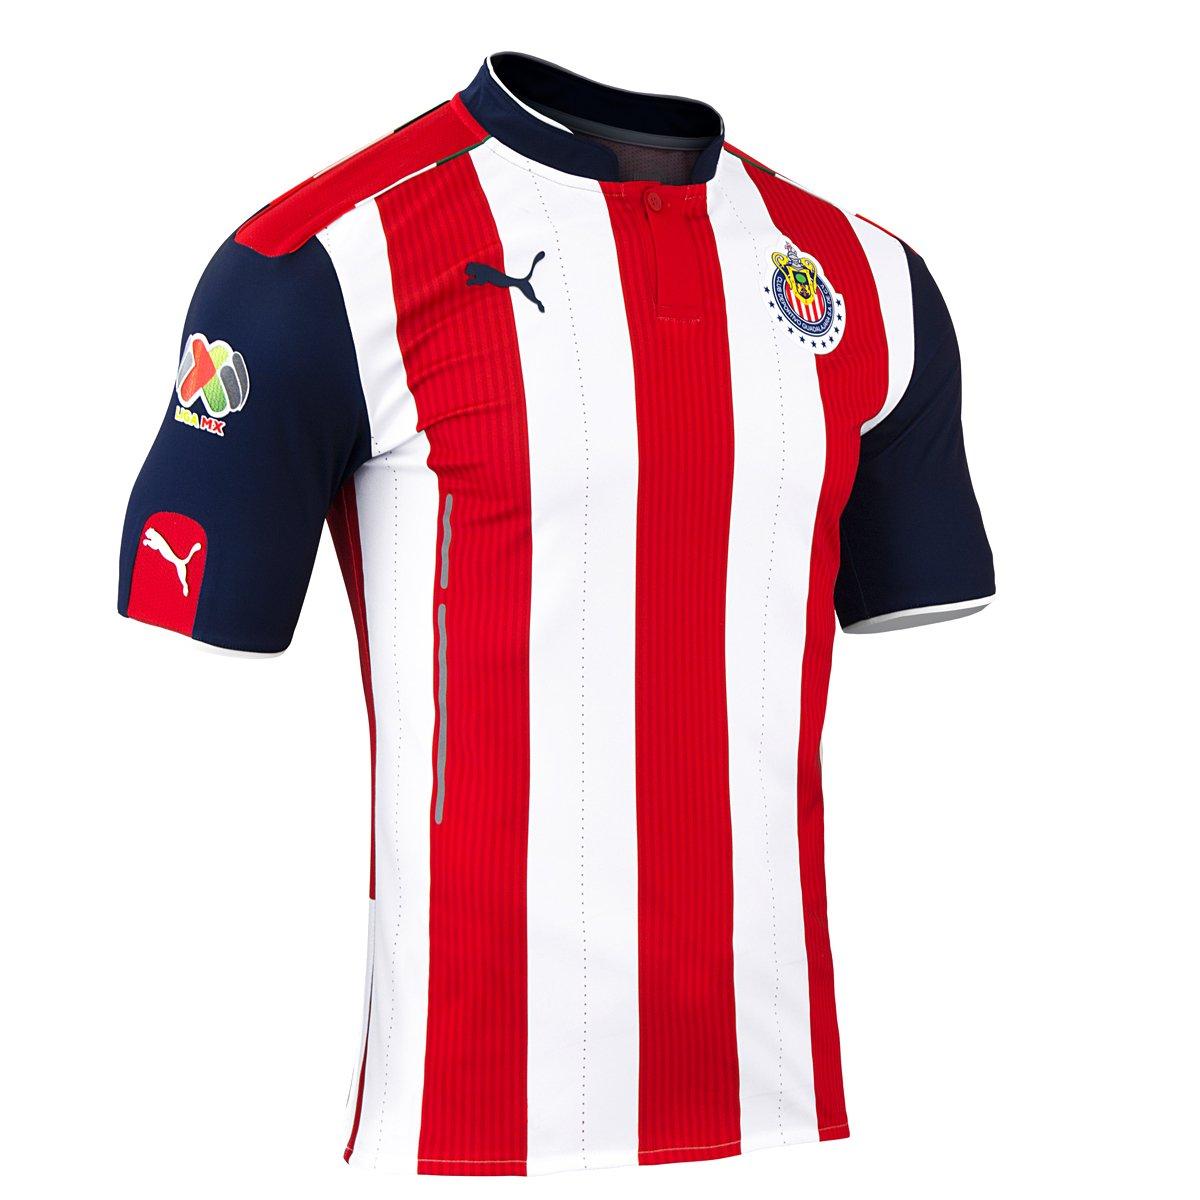 Claro Shop: jersey Chivas (Puma) local y visitante a $909 + envío